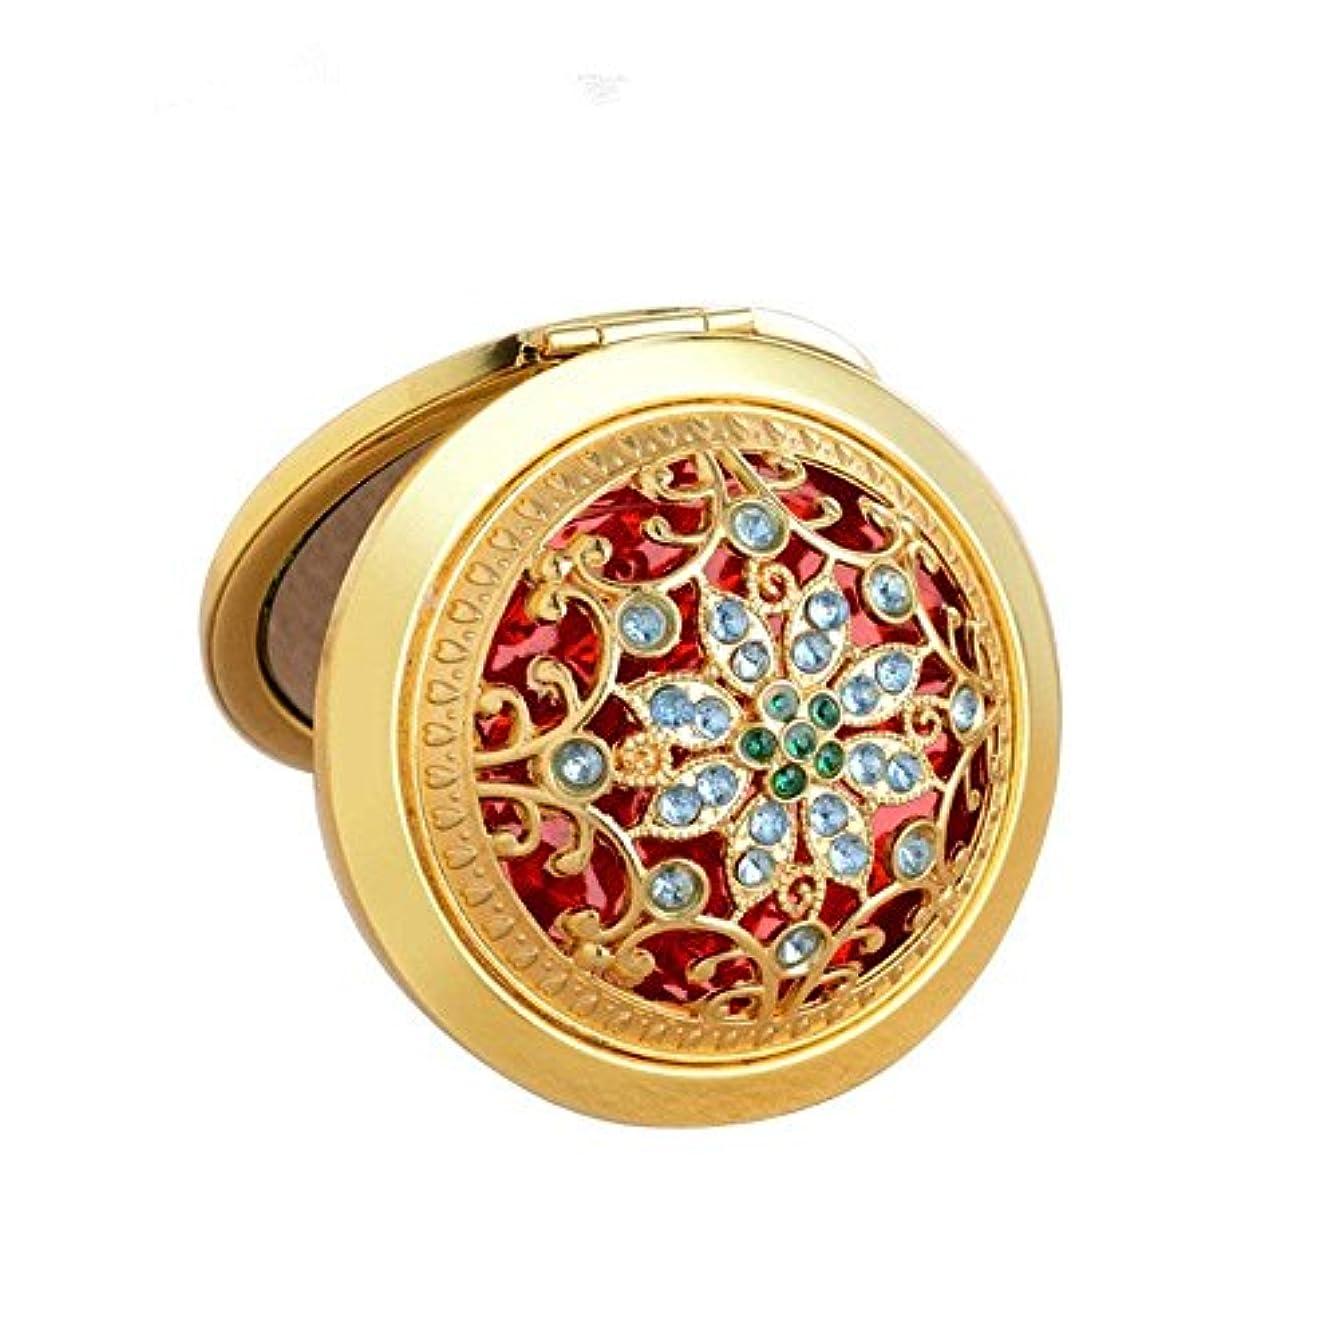 増強するロケット想像力豊かなCOKOOL 化粧鏡 折りたたみ 両面コンパクト ハンド ミラー 手鏡美しいデザイン (ゴールド)